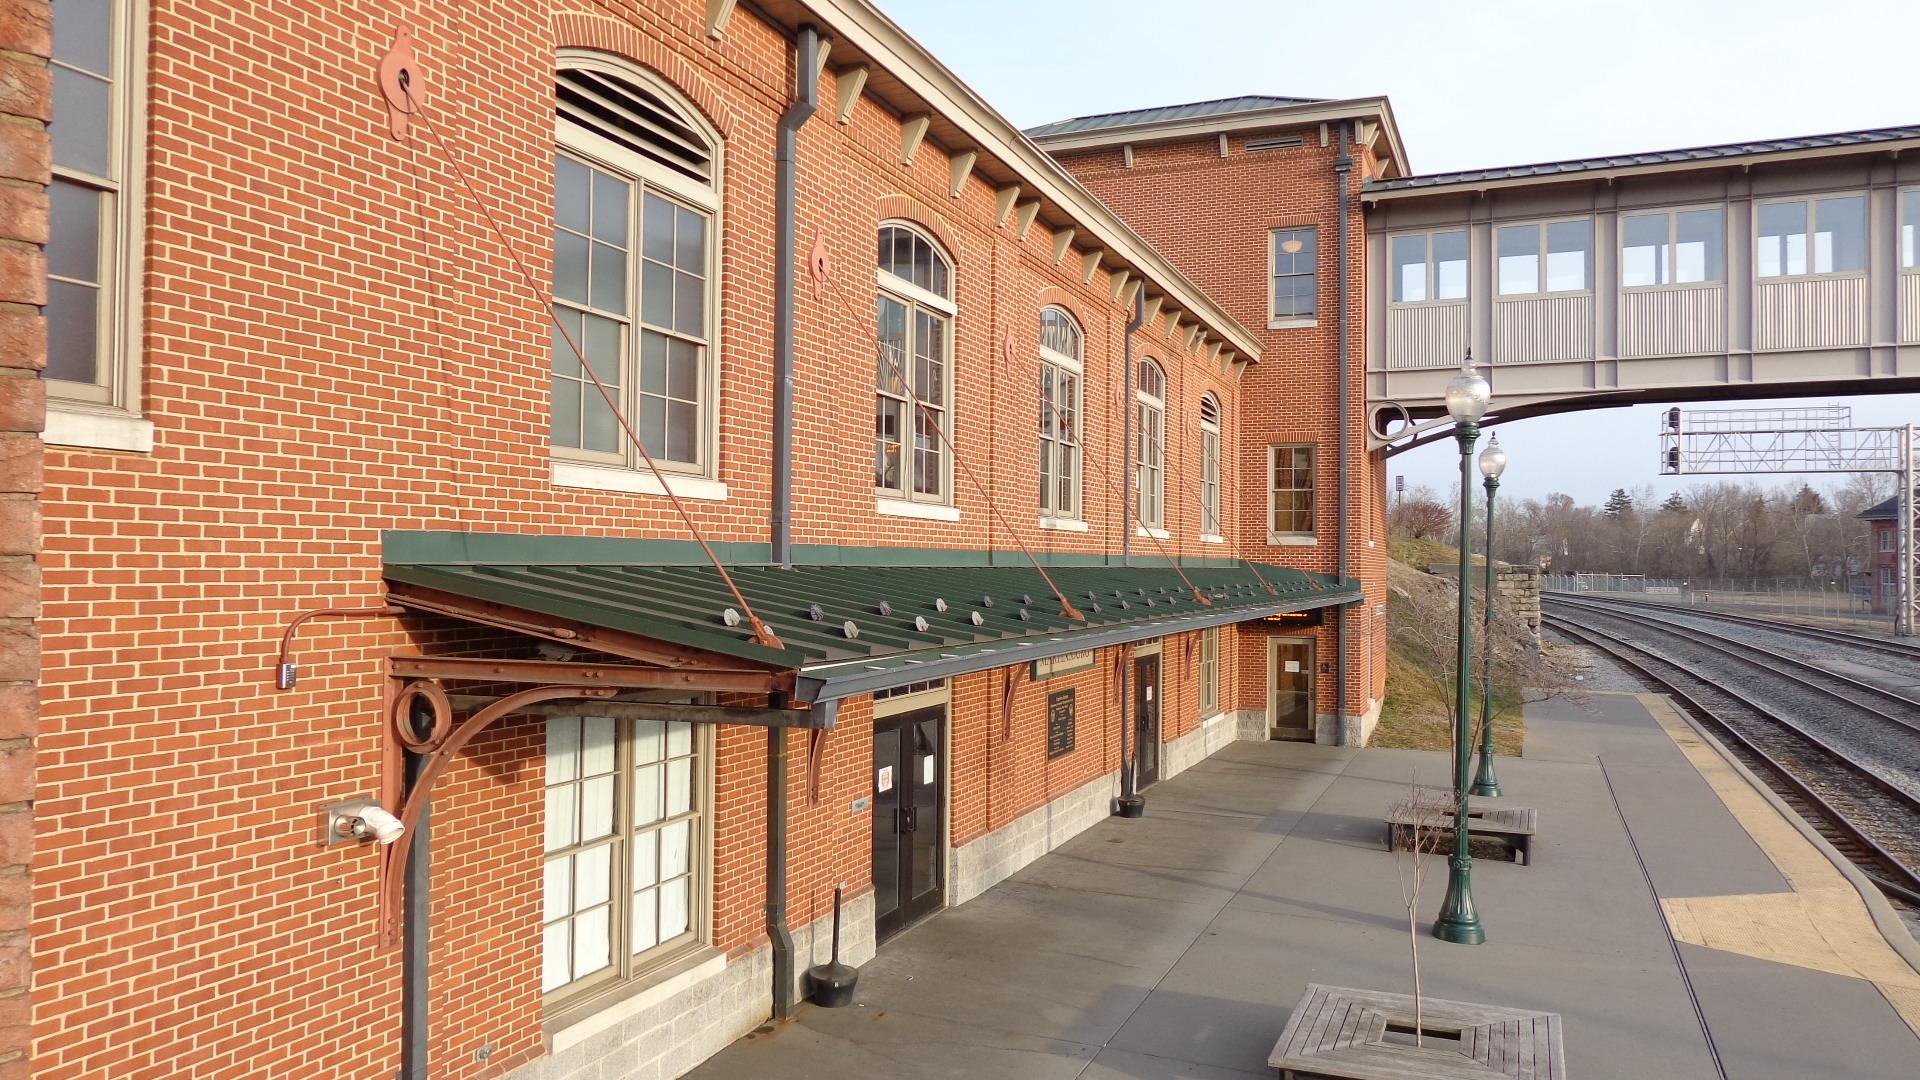 Caperton Train Station